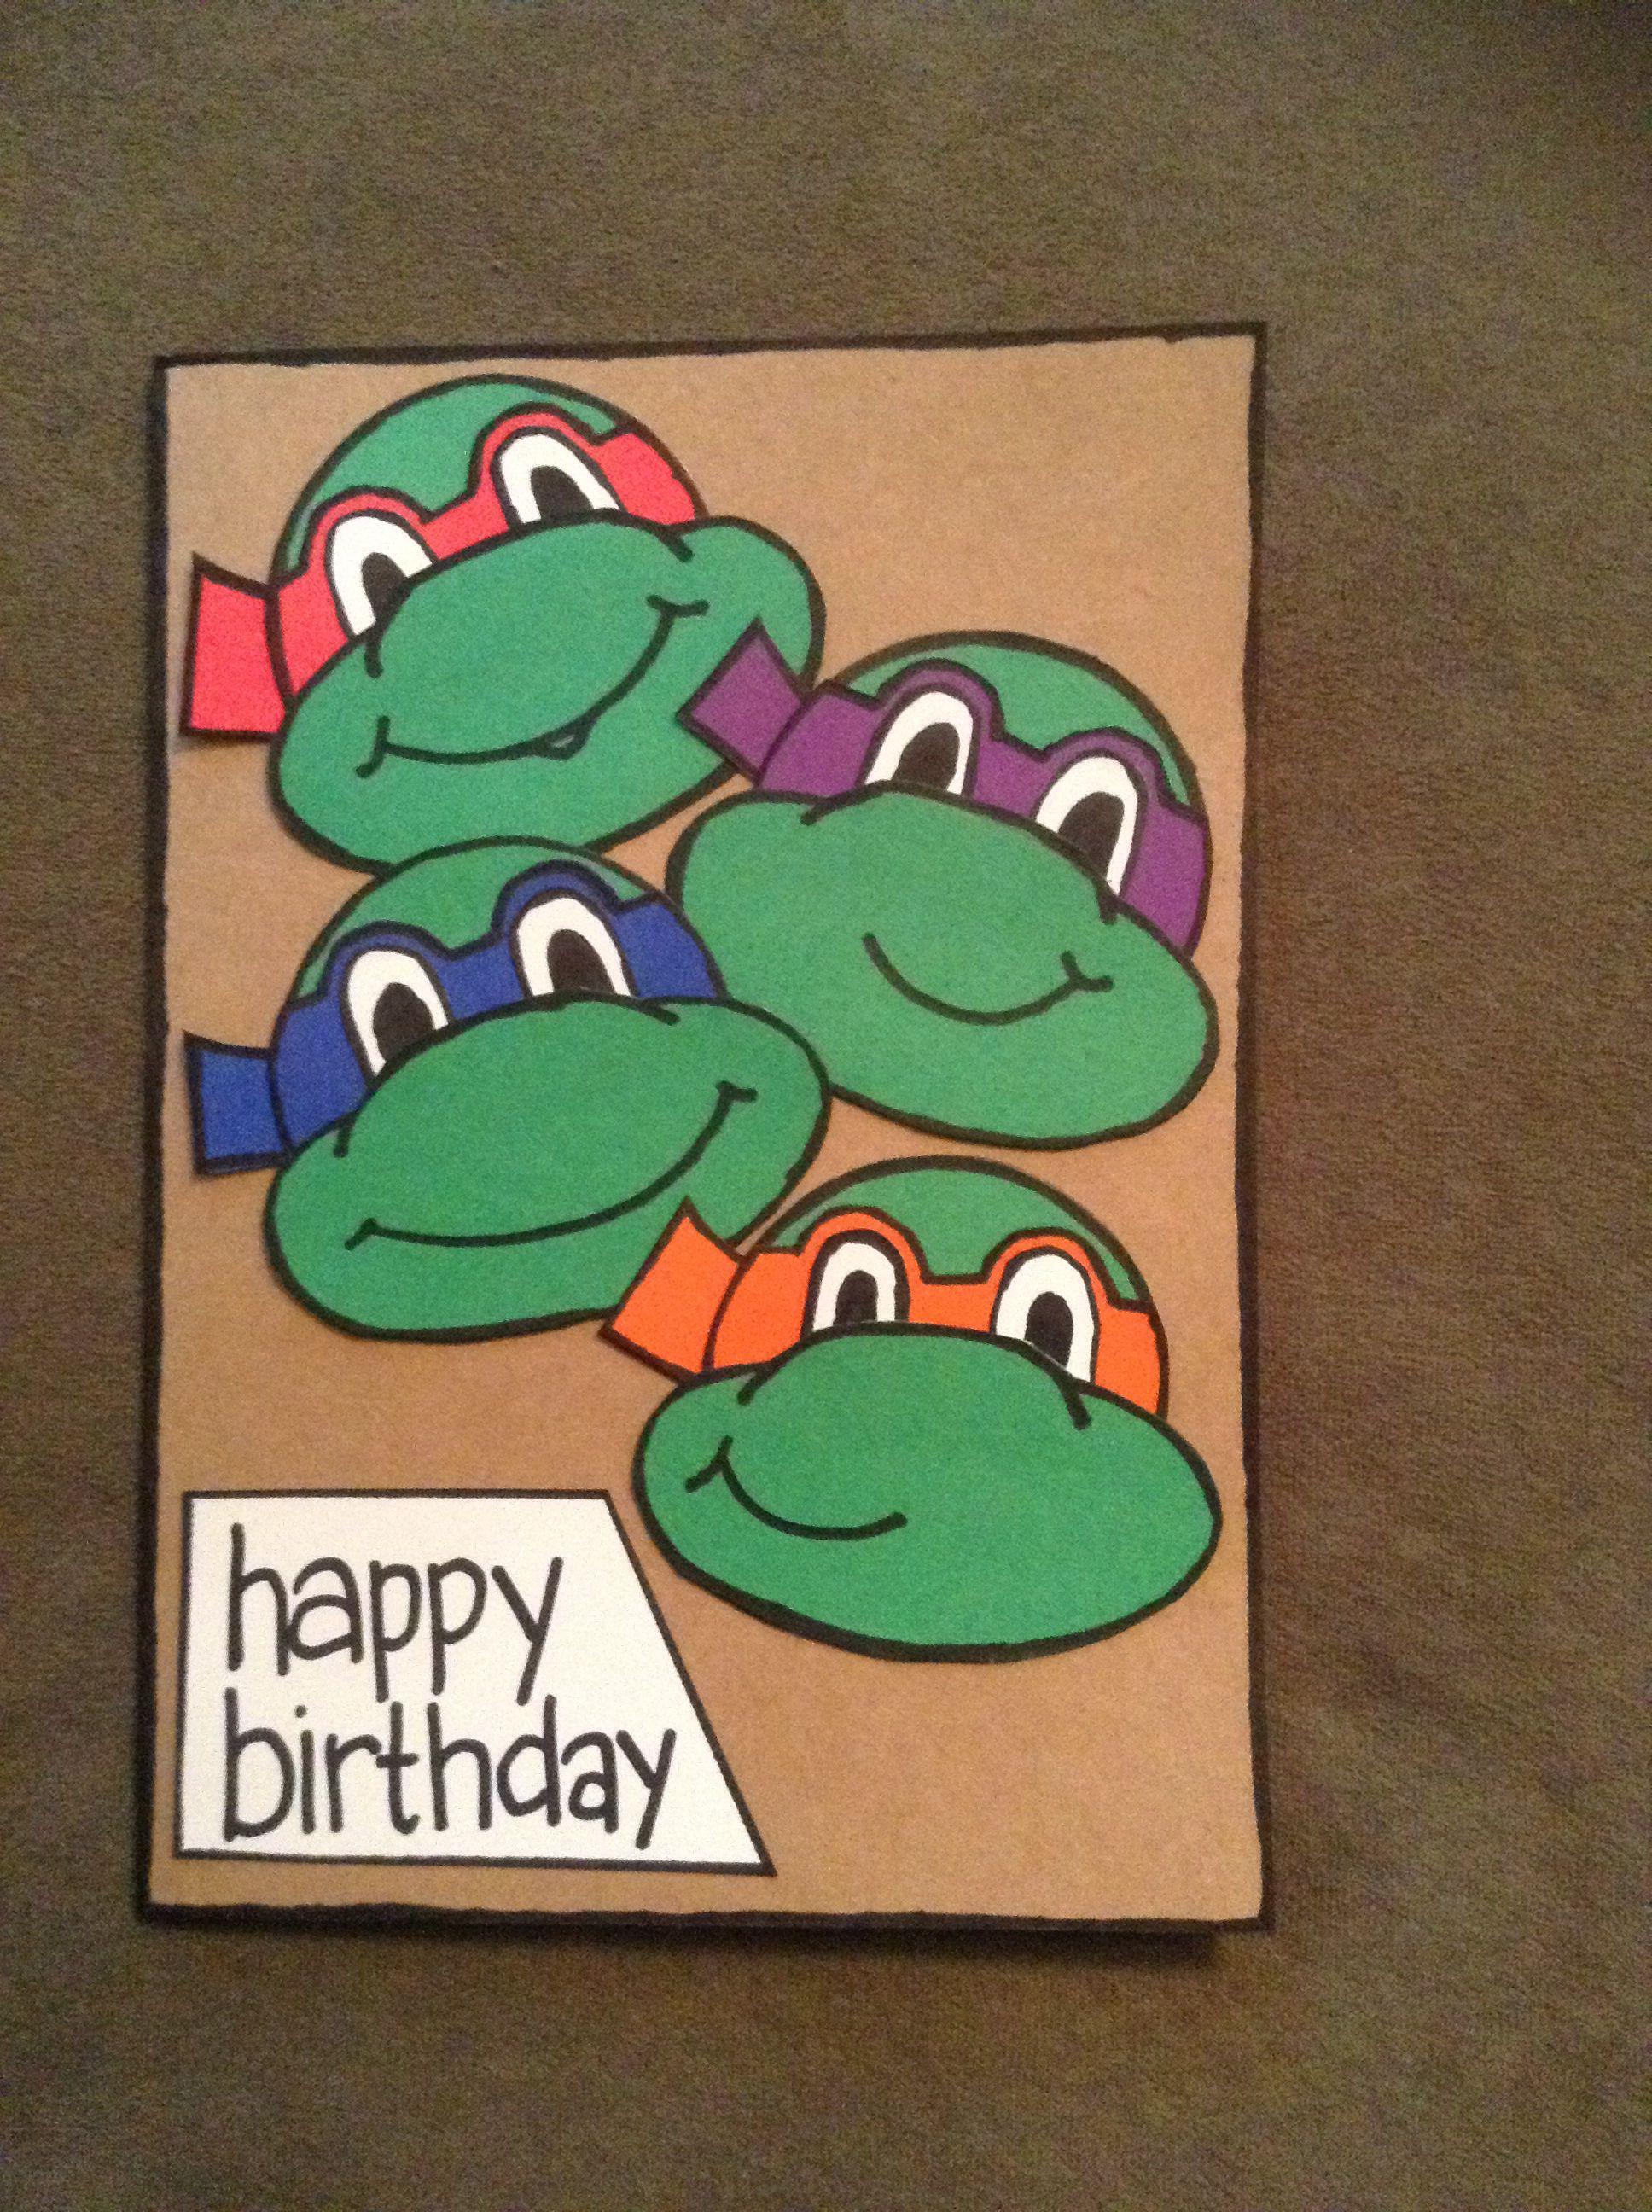 Teenage Mutant Ninja Turtles Birthday Card Themed Cards Kids Birthday Cards Boy Cards